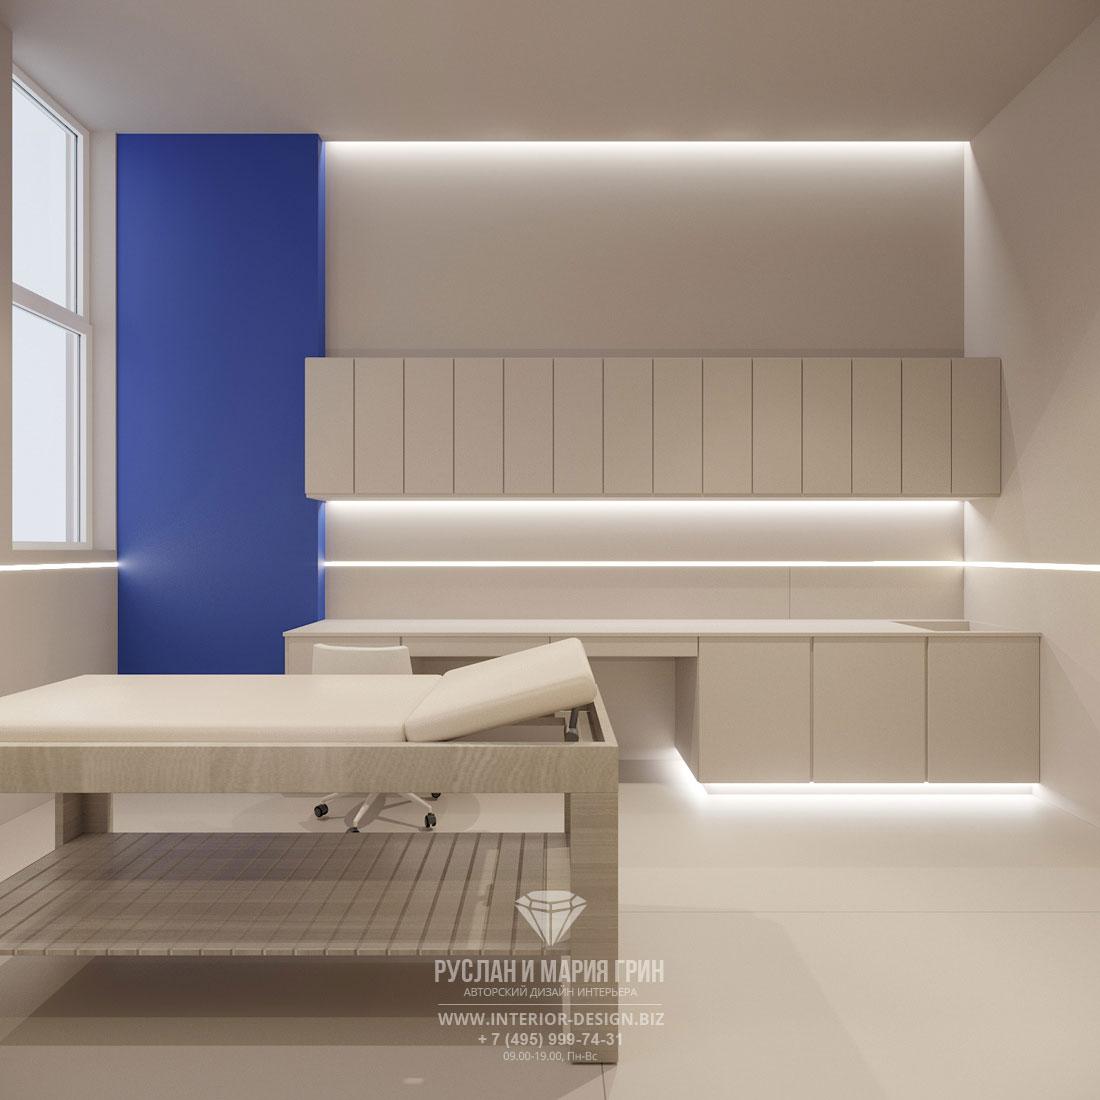 Дизайн интерьера косметологического кабинета в салоне красоты